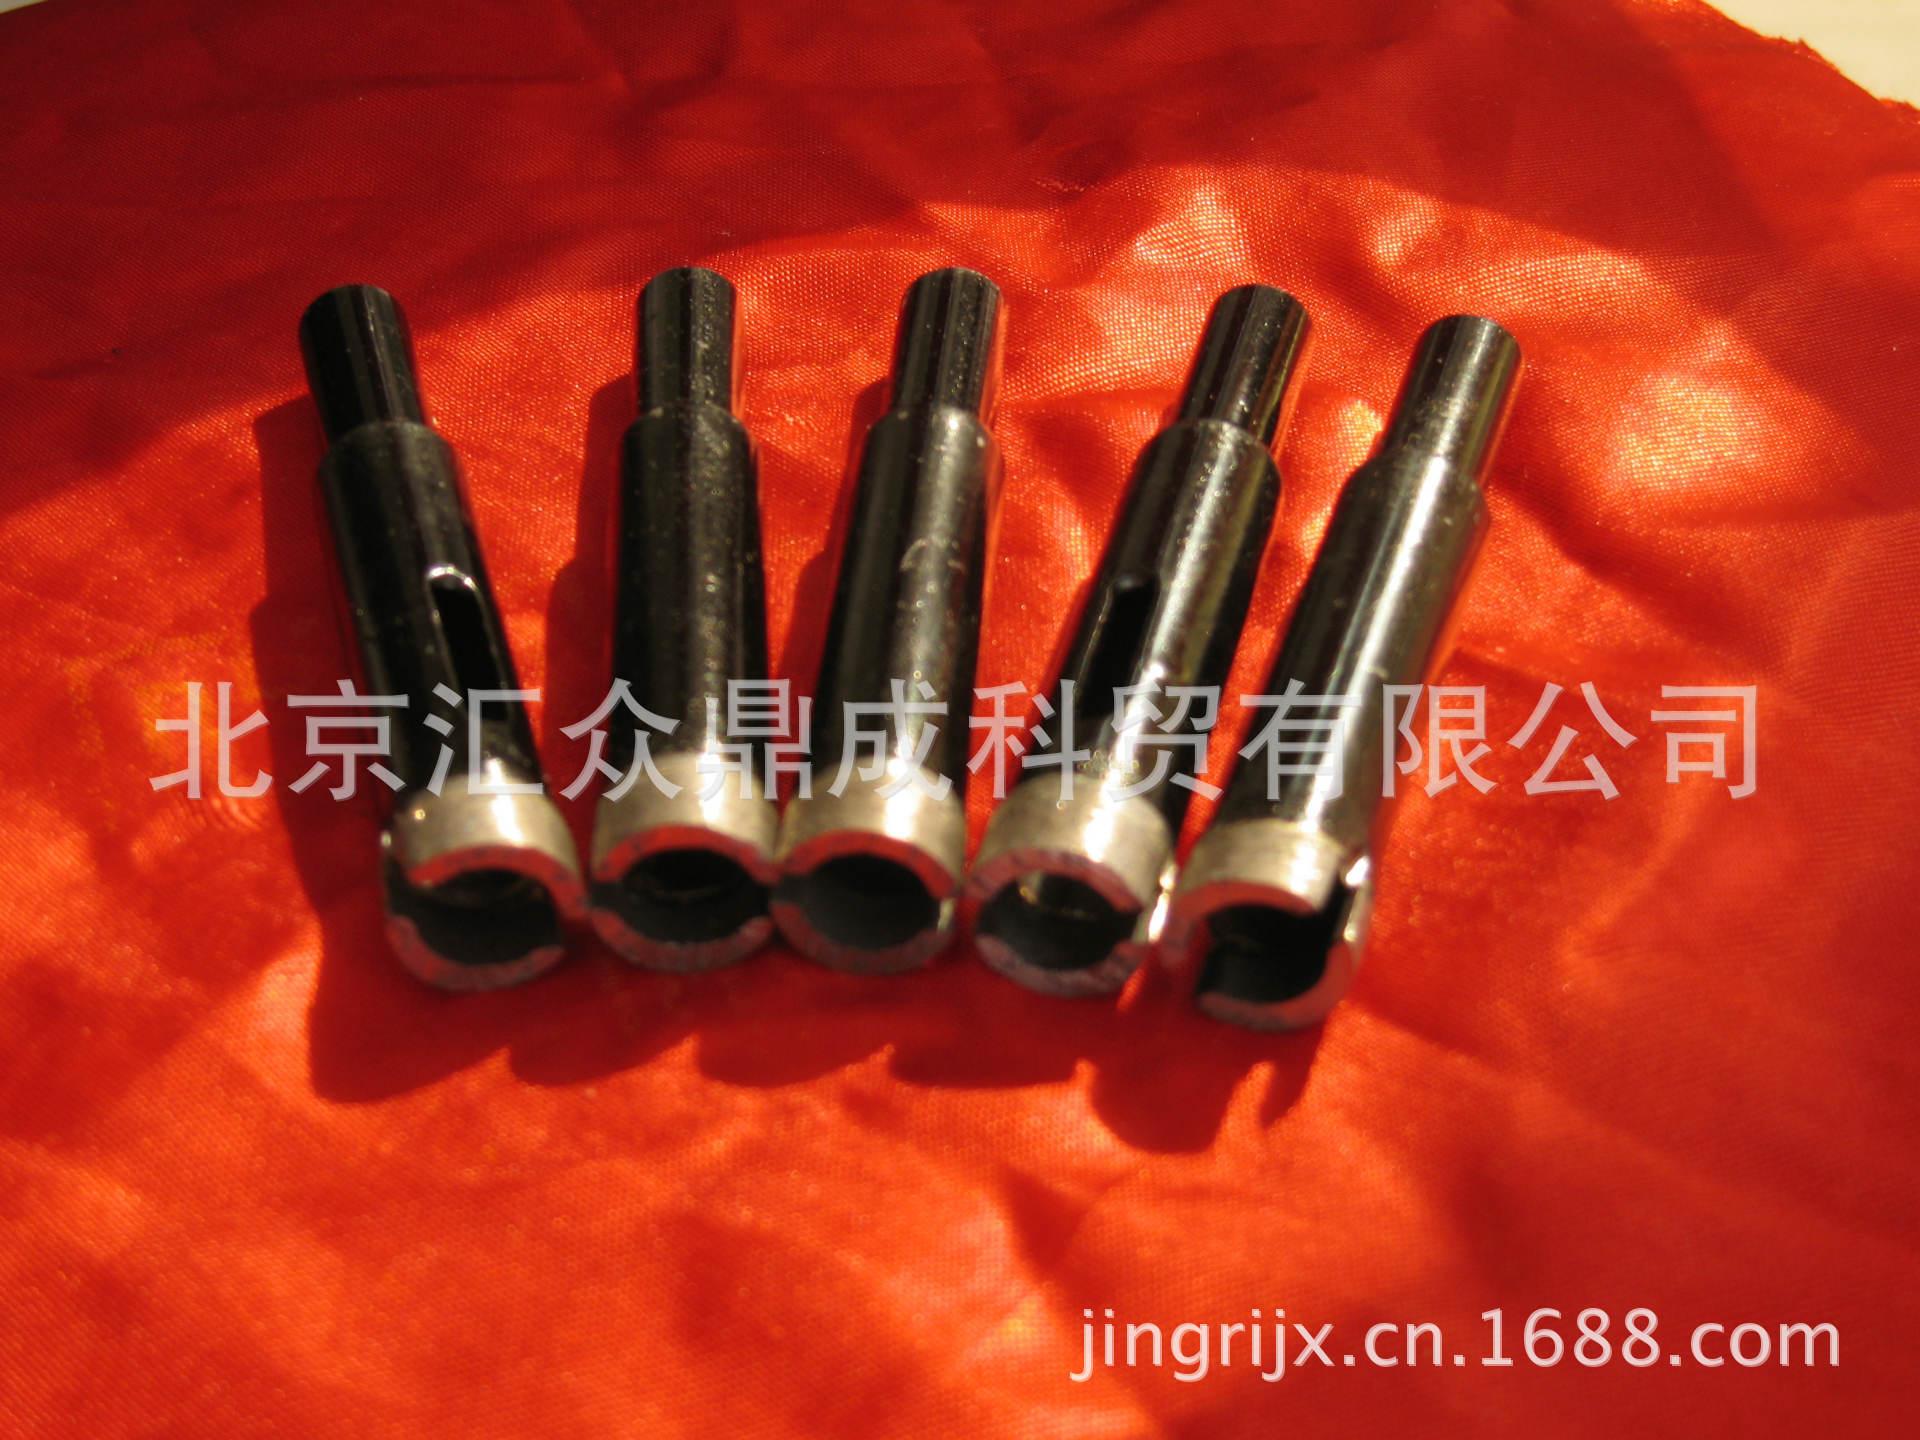 精品热销供应高品质14MM大理石开孔器 石材烧结钻头